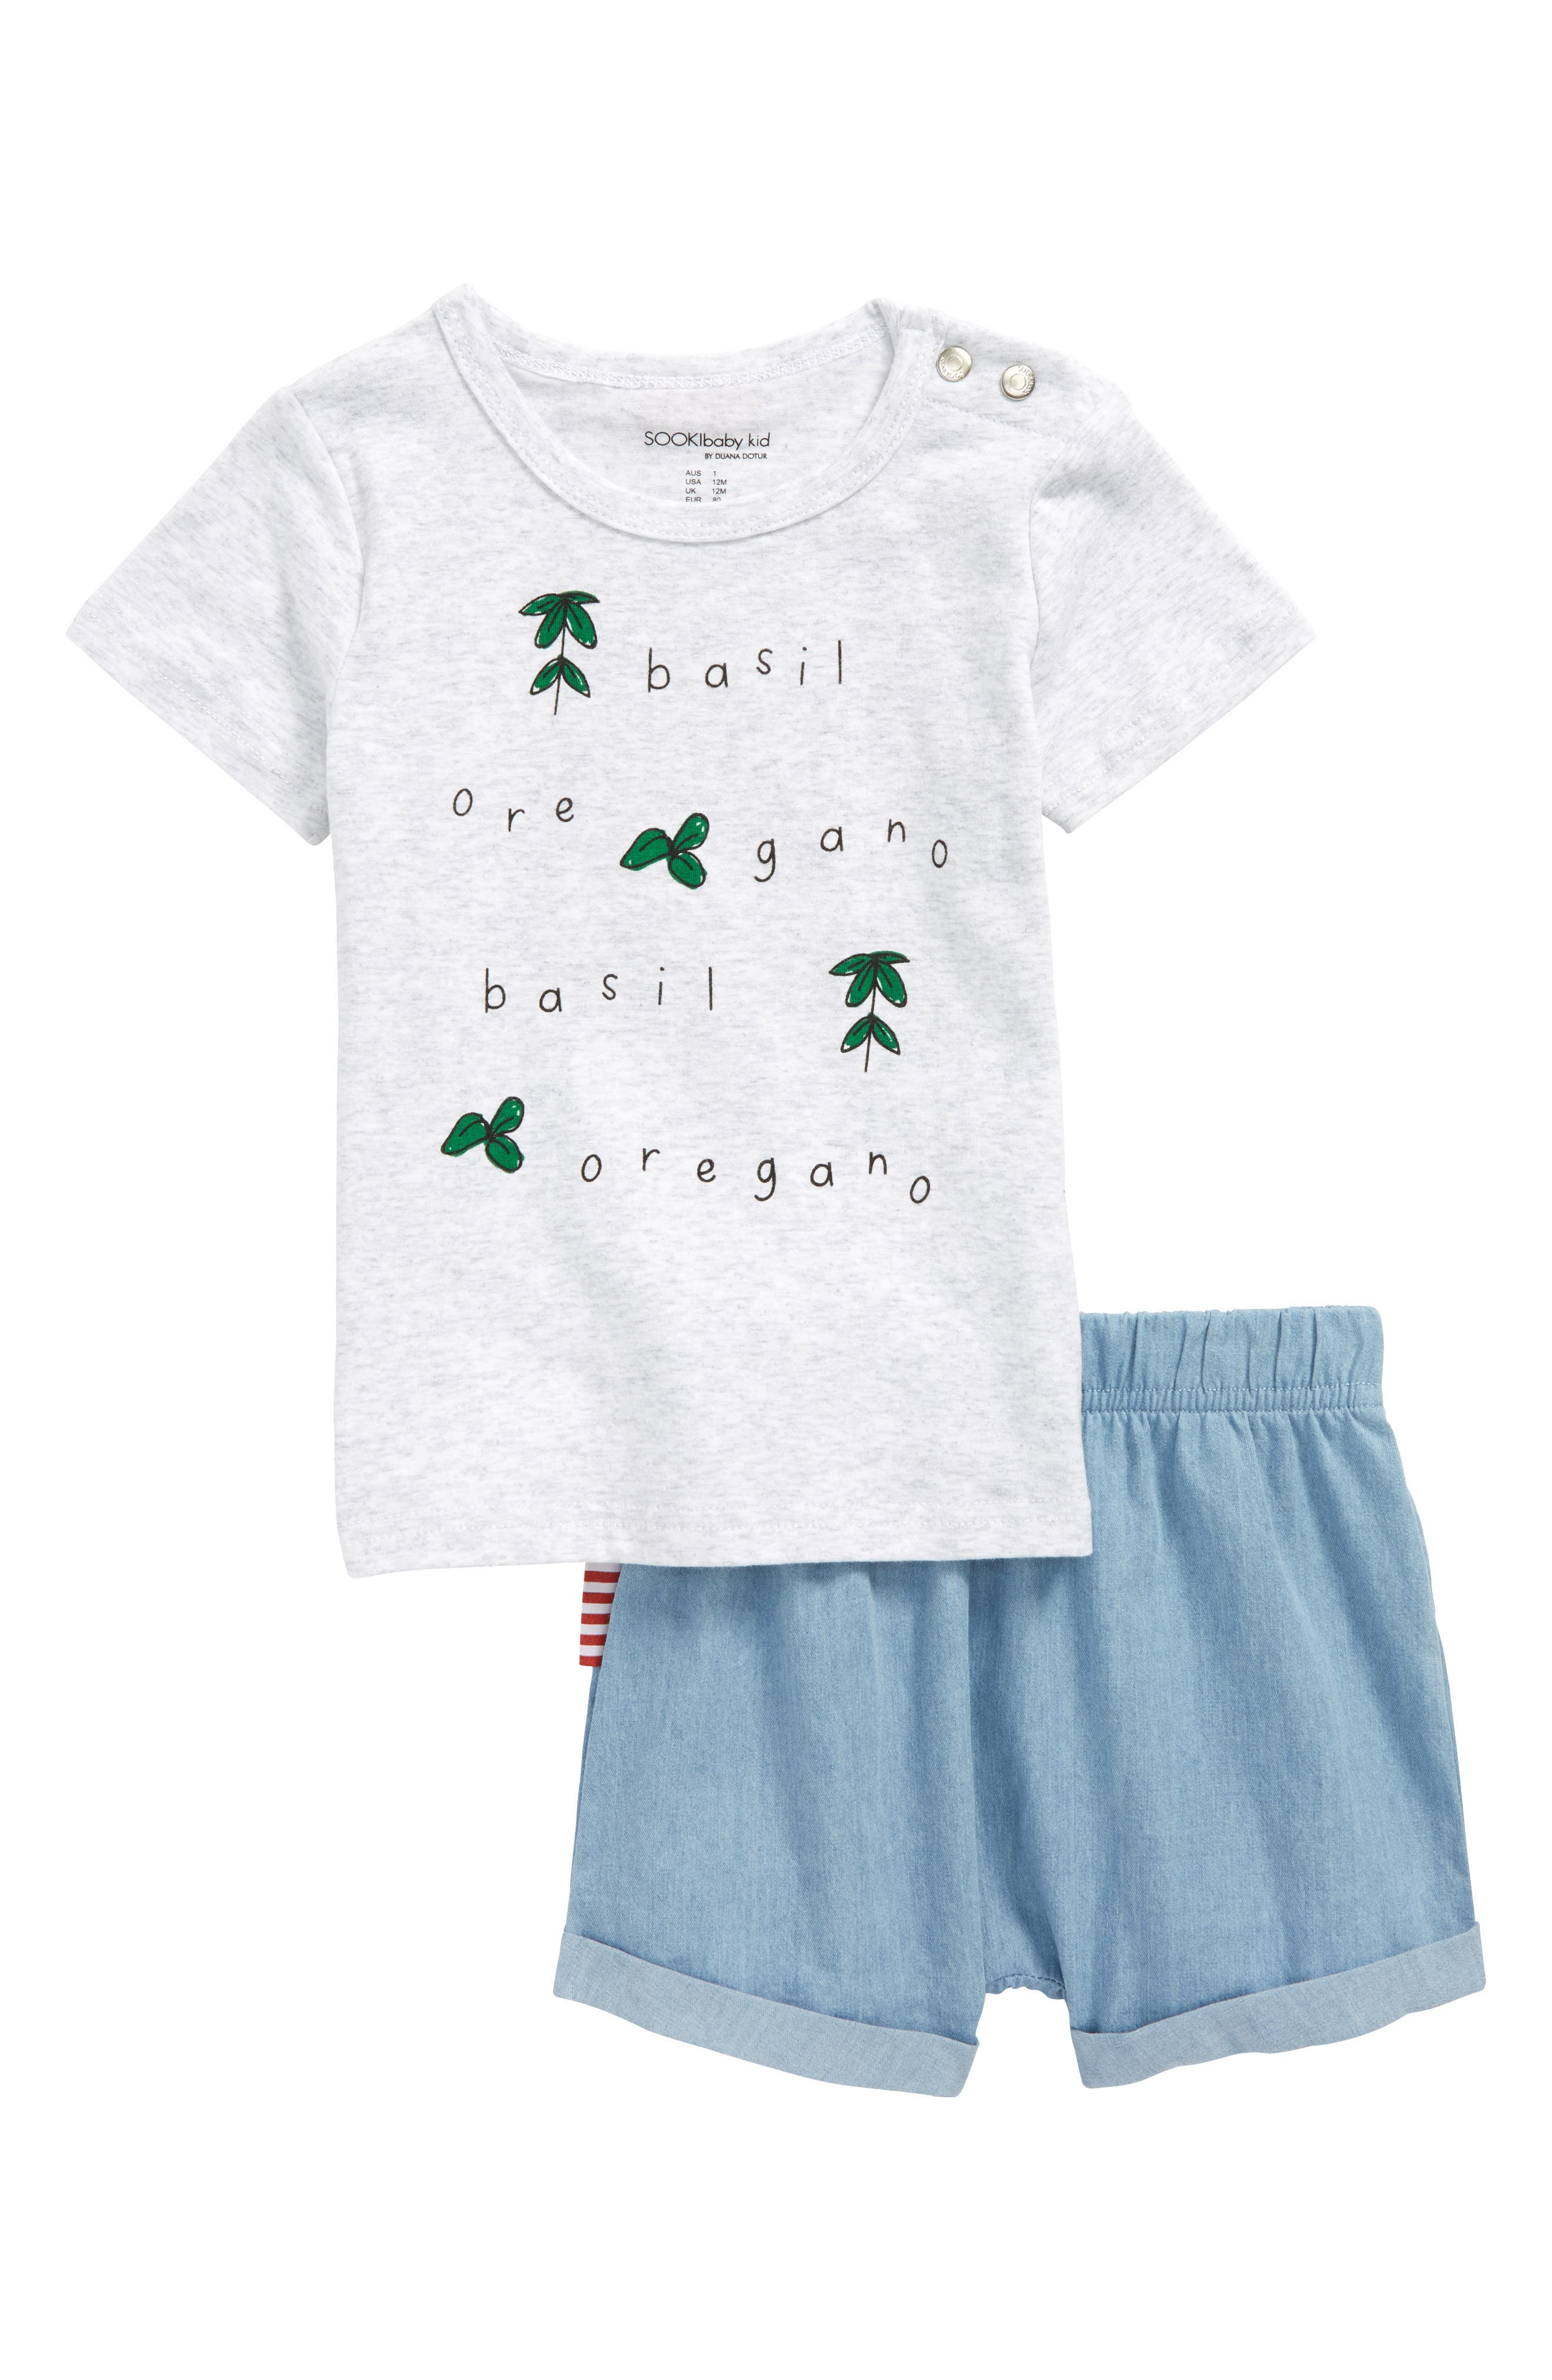 Basil T-Shirt & Chambray Shorts Set,                         Main,                         color, White/ Chambray